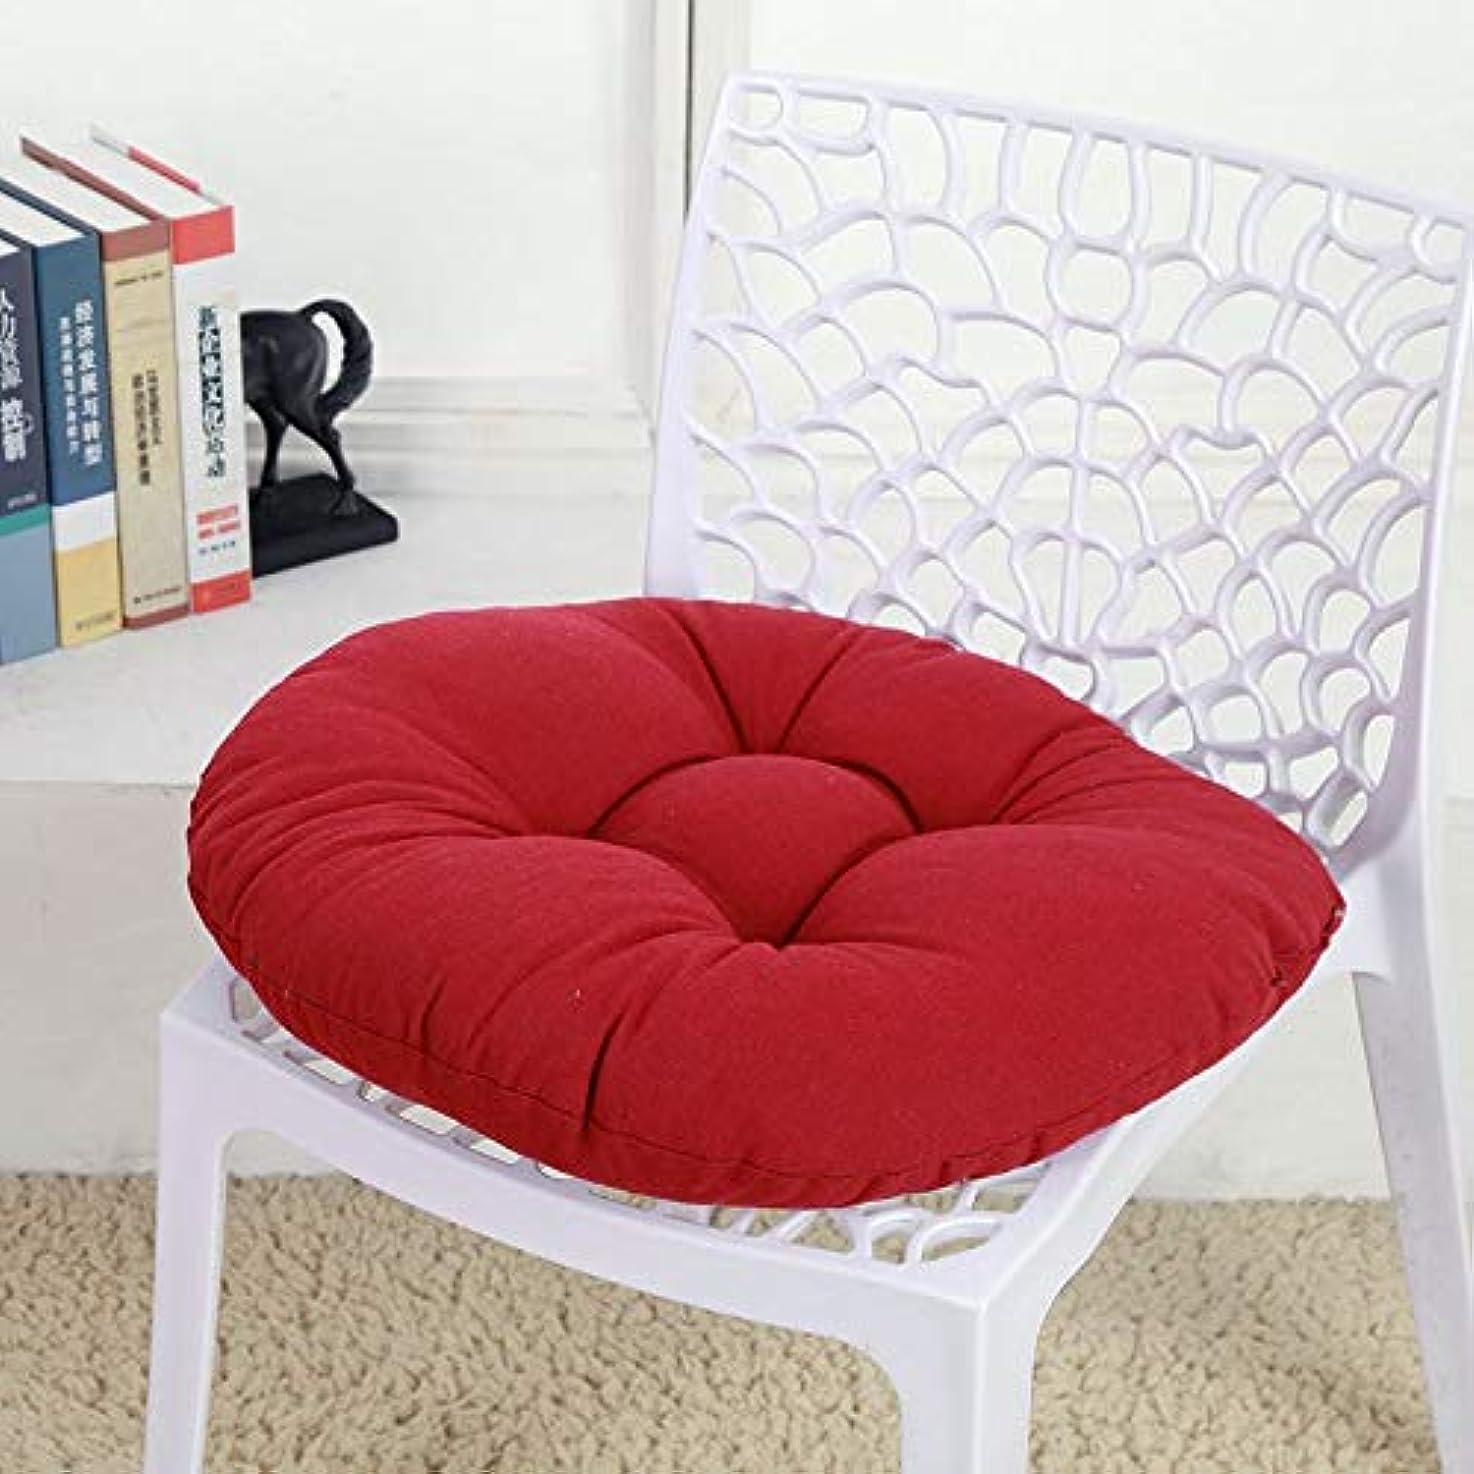 歩行者バトル複製するLIFE キャンディカラーのクッションラウンドシートクッション波ウィンドウシートクッションクッション家の装飾パッドラウンド枕シート枕椅子座る枕 クッション 椅子